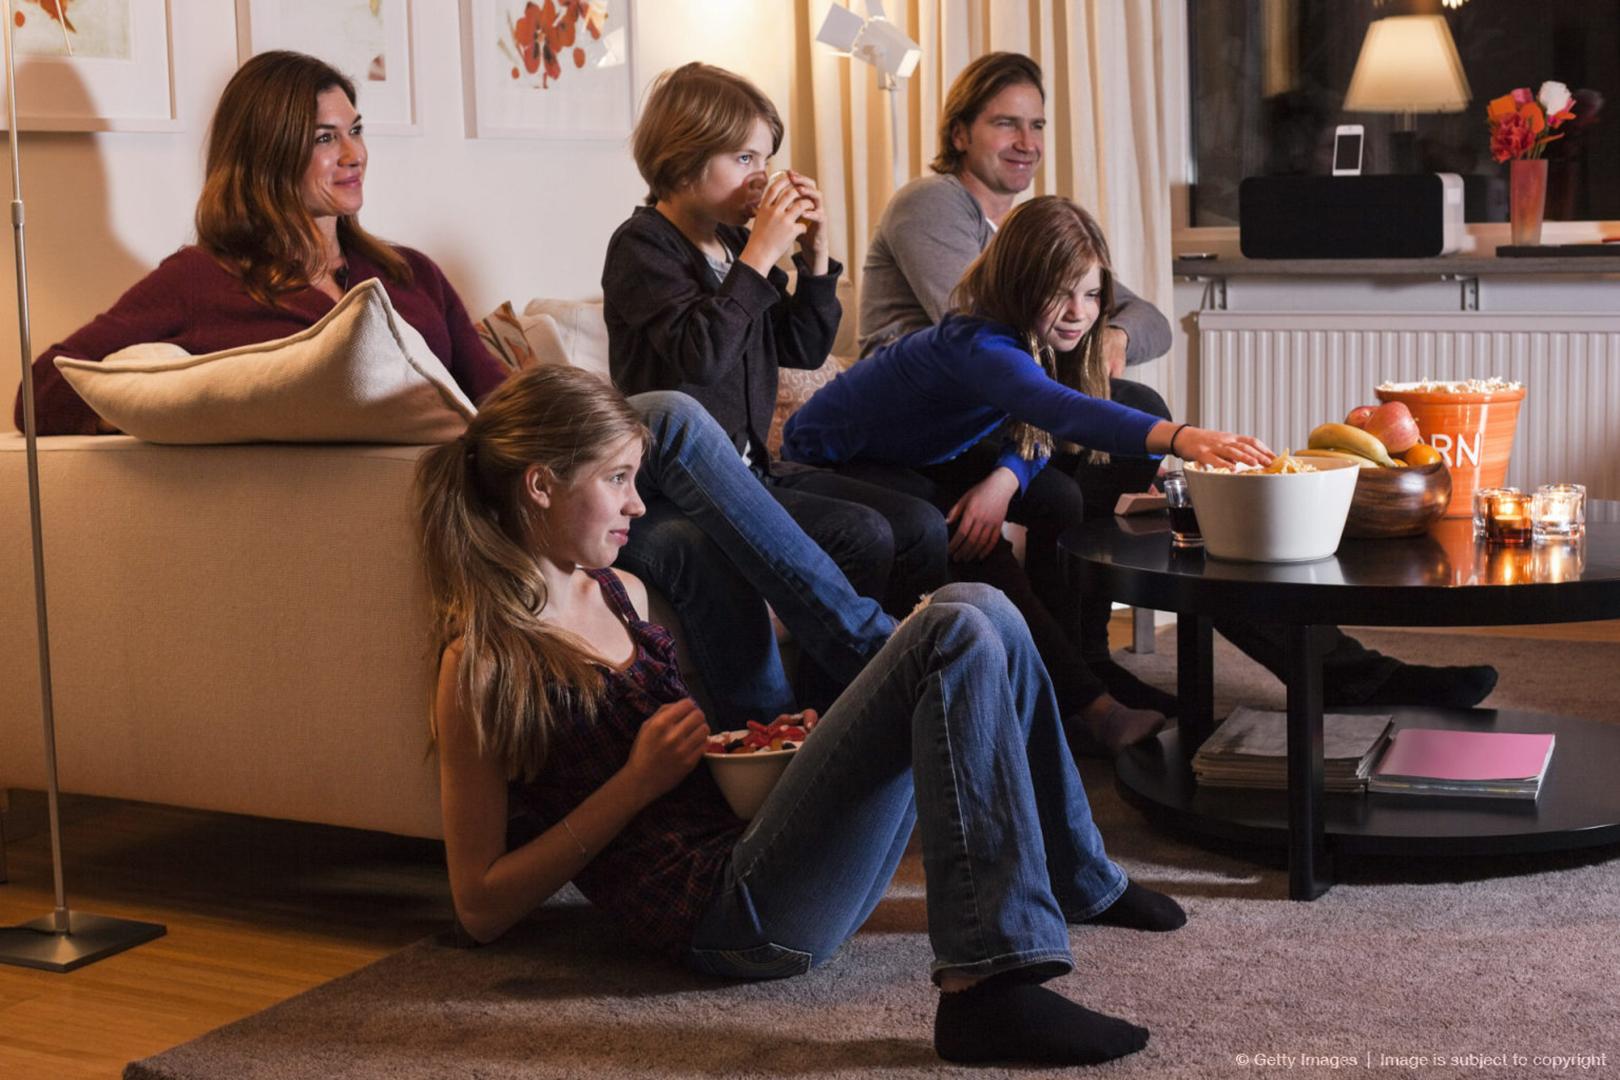 Телевизор дети смотрят меньше взрослых почти в два раза. Фото: Getty Images